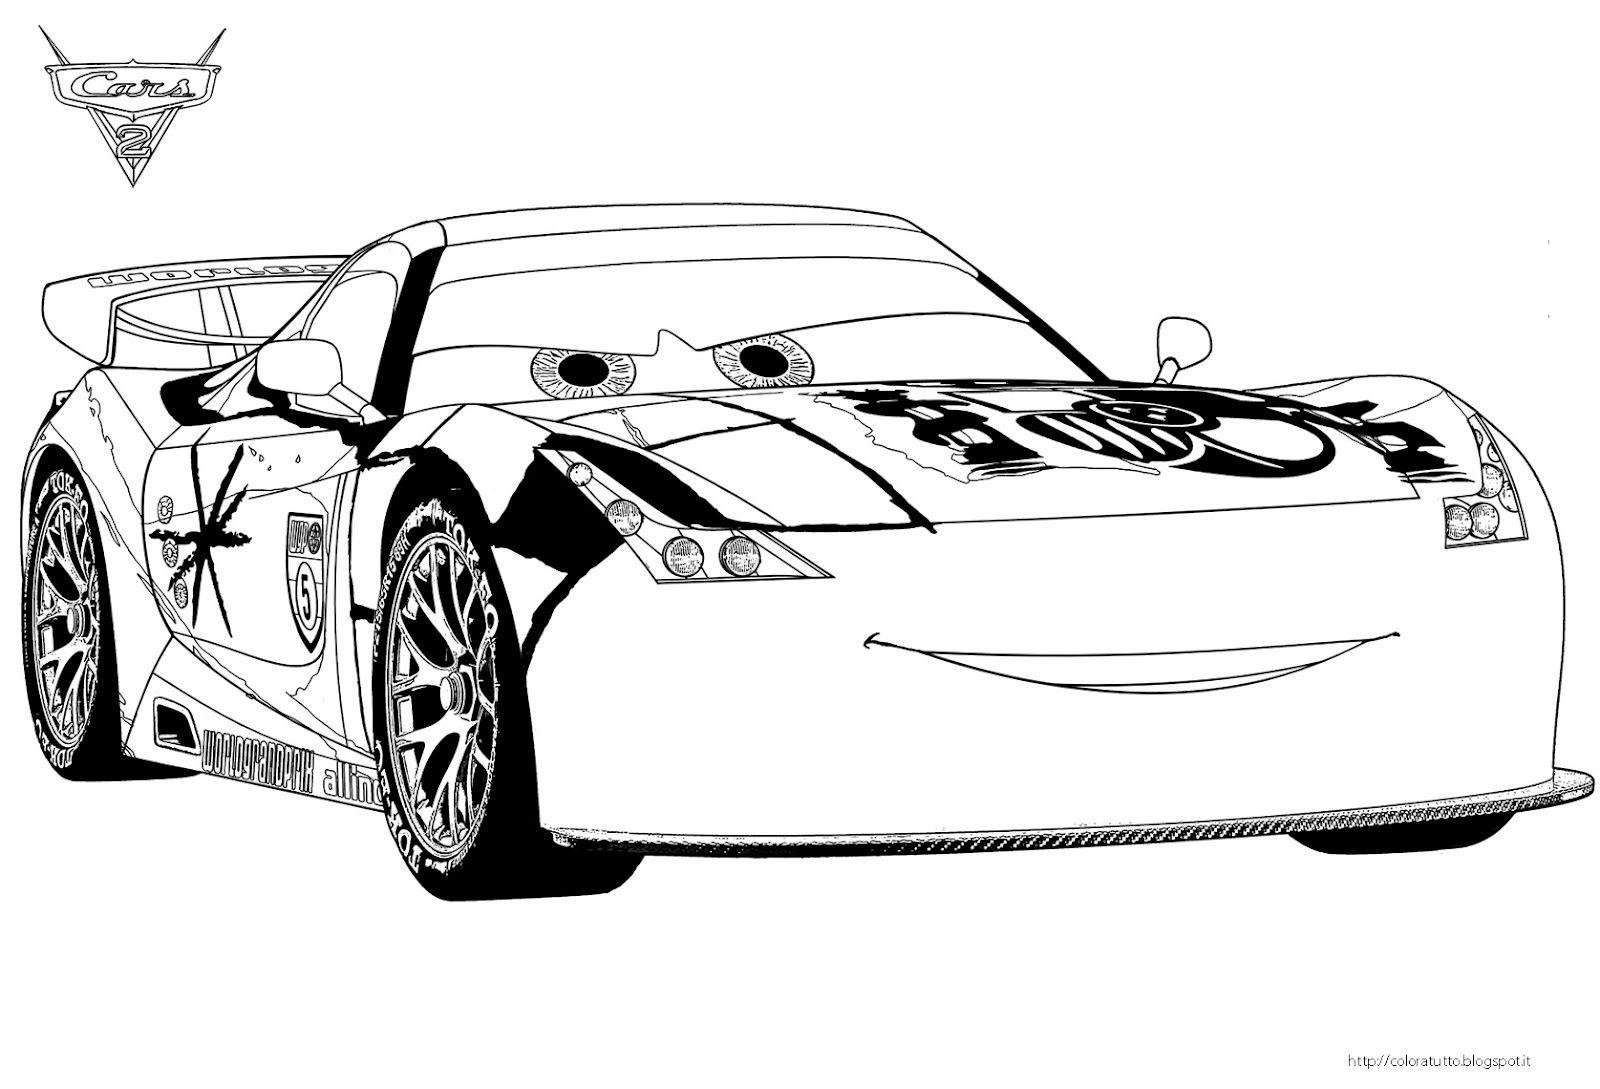 Miguel camino disegno colorare immagini cars stampare pinterest